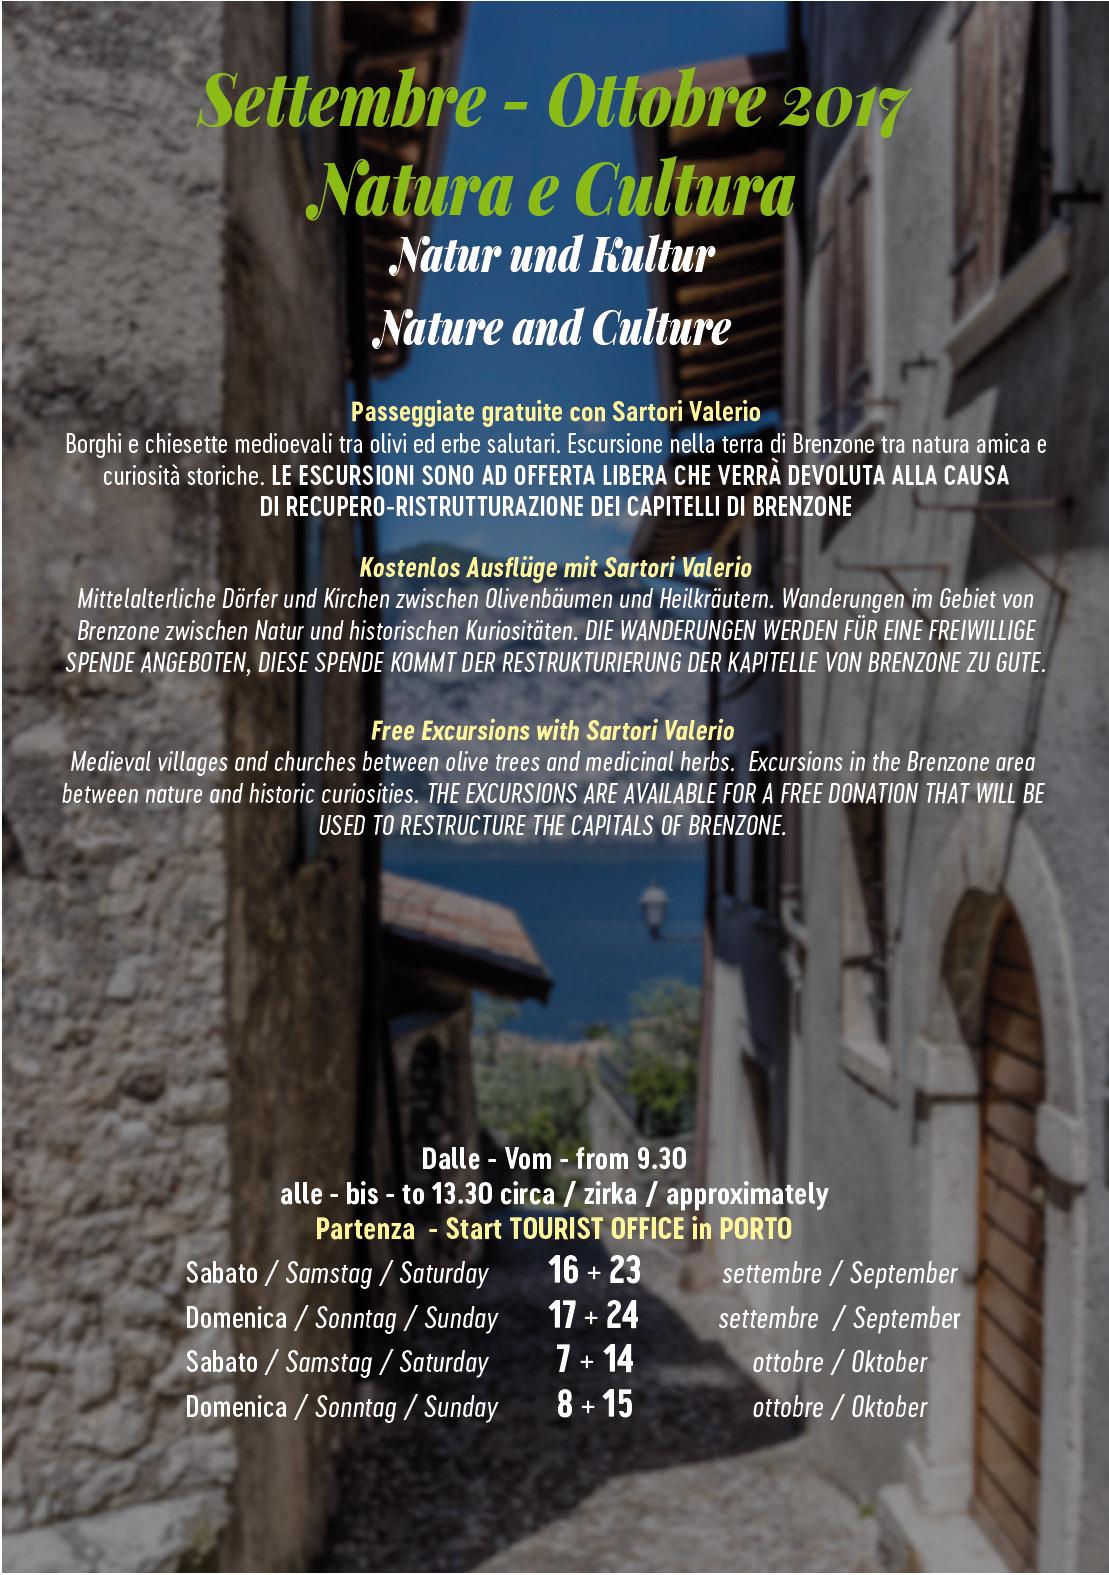 Settembre - Ottobre 2017: Natura e Cultura